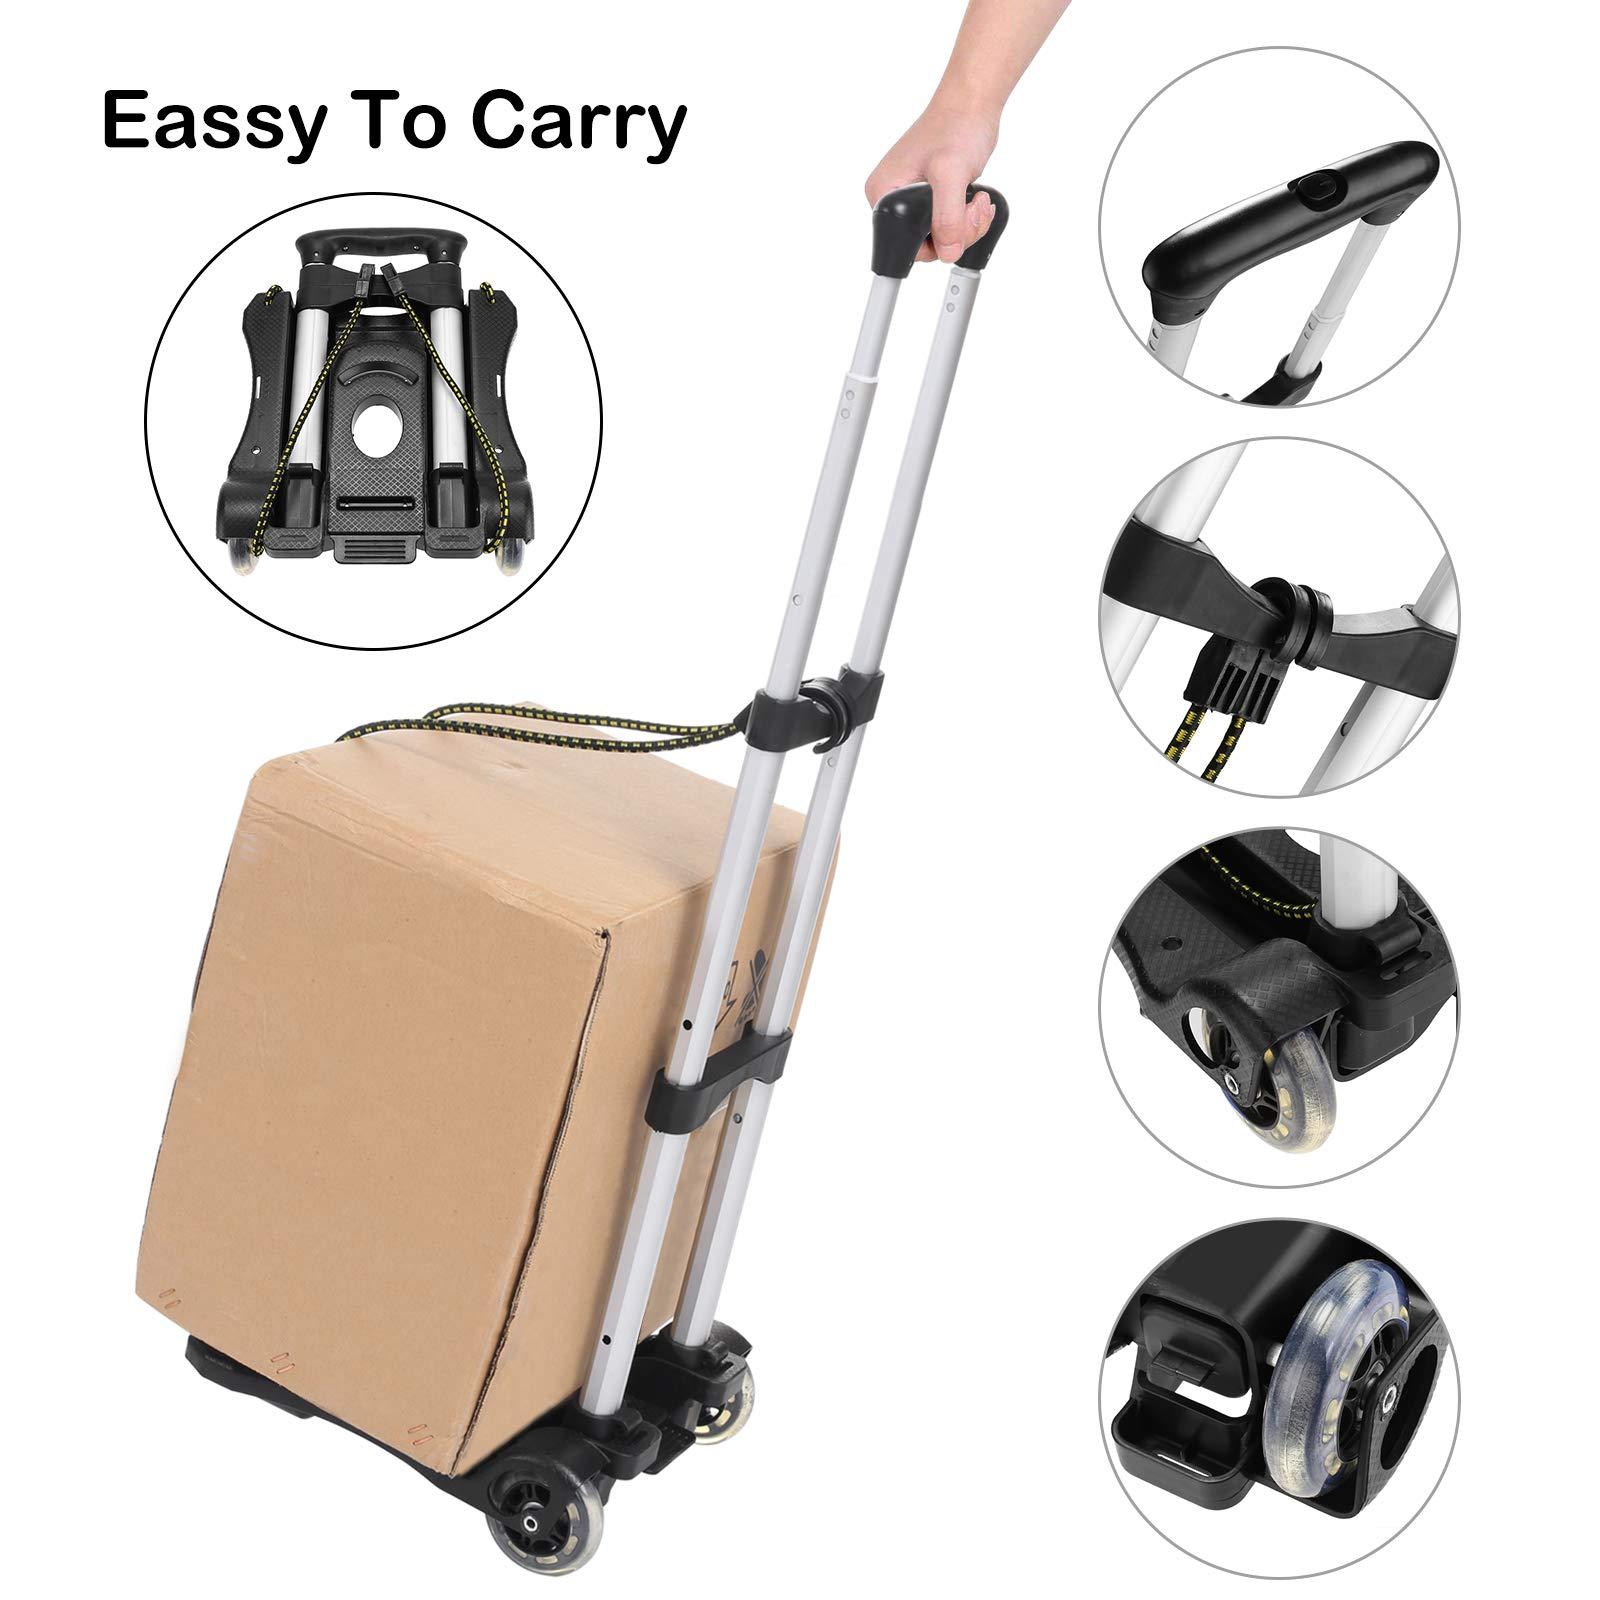 4a55de27c99 Coocheer Aluminum Folding Portable Luggage Cart Lightweight Travel Hand  Truck Heavy Duty Hand Trucks (